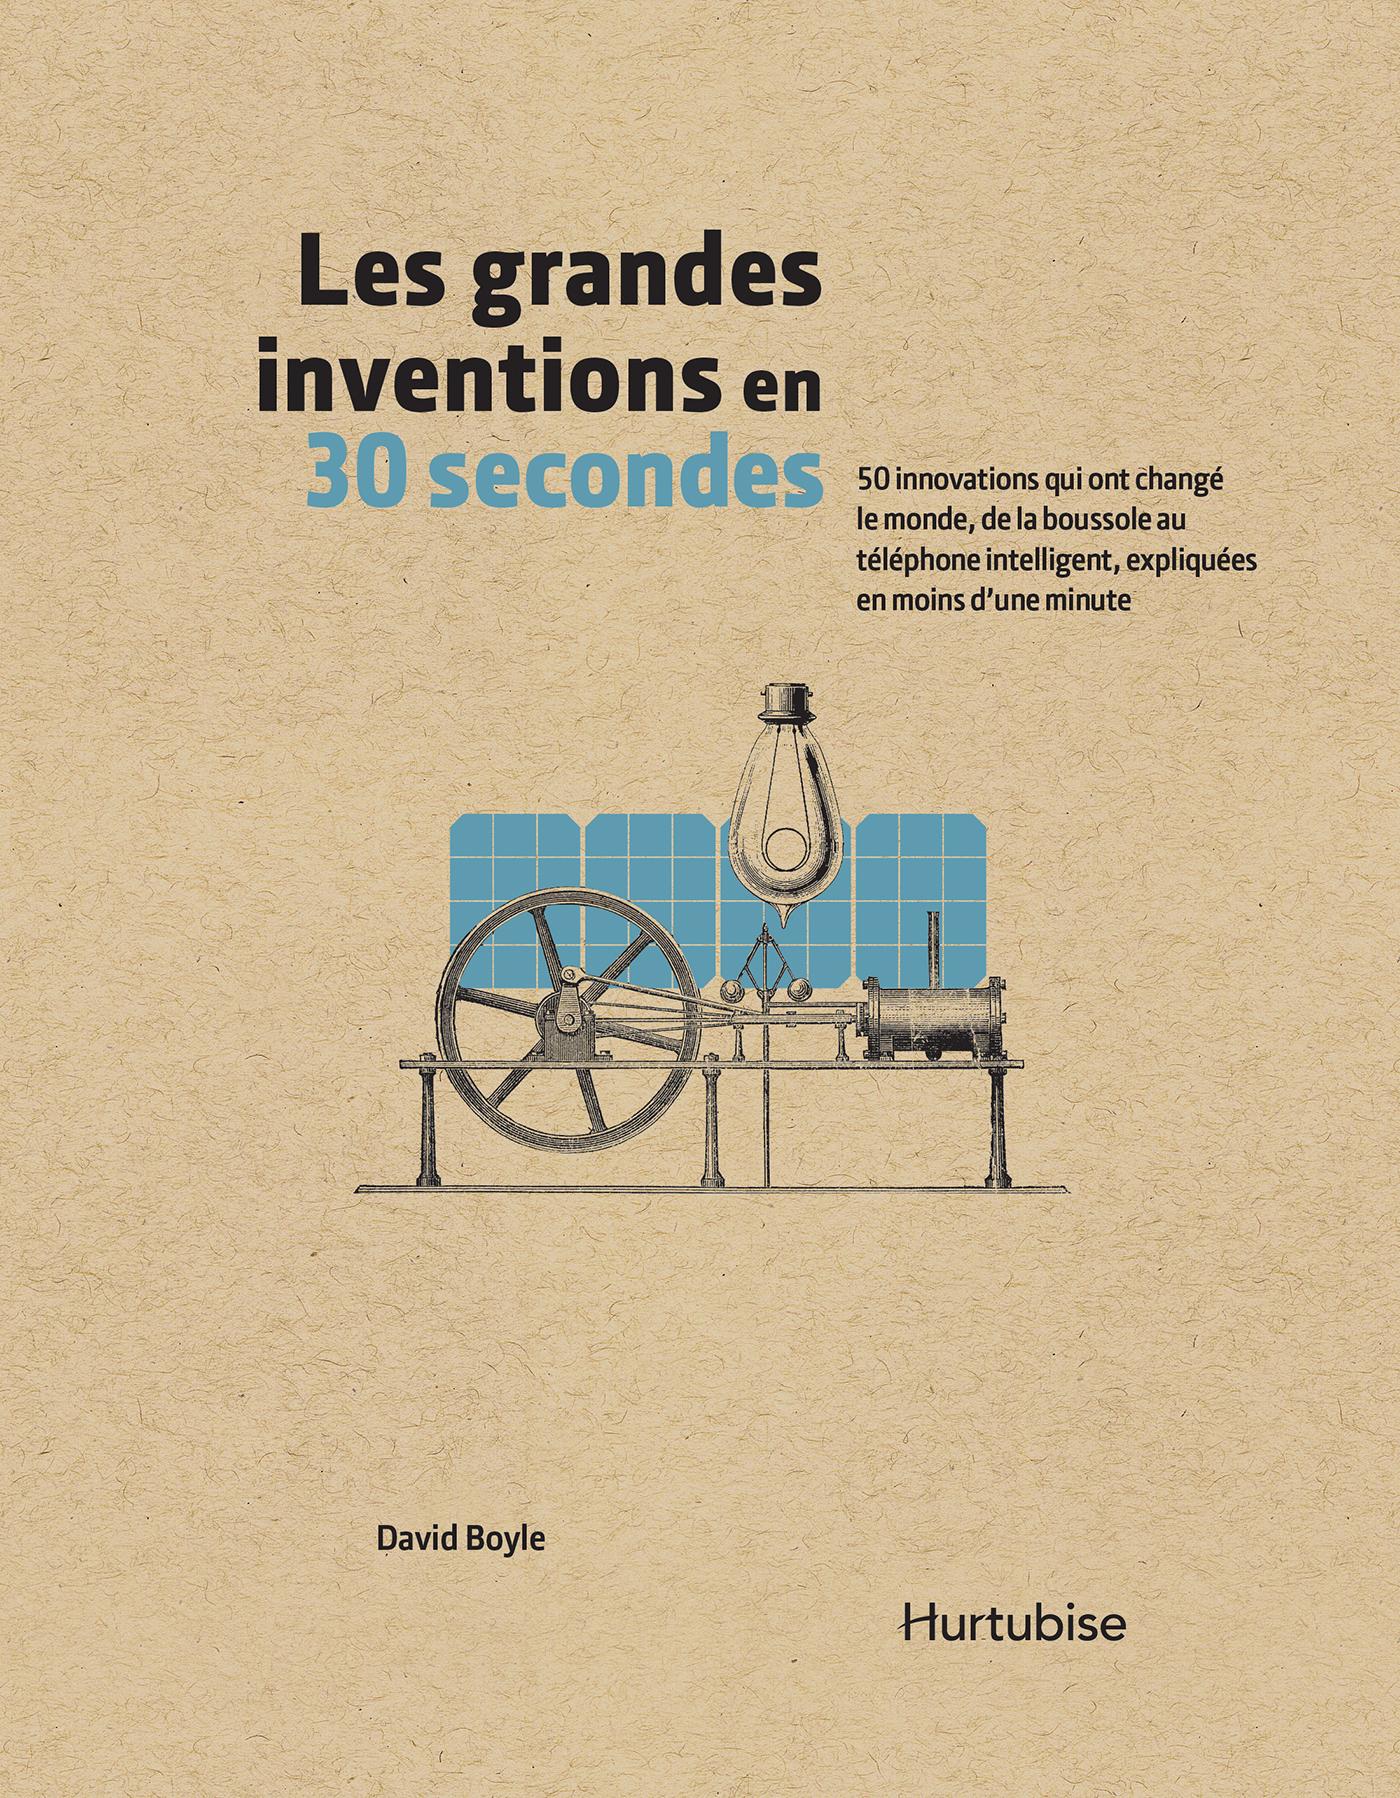 Les grandes inventions en 30 secondes